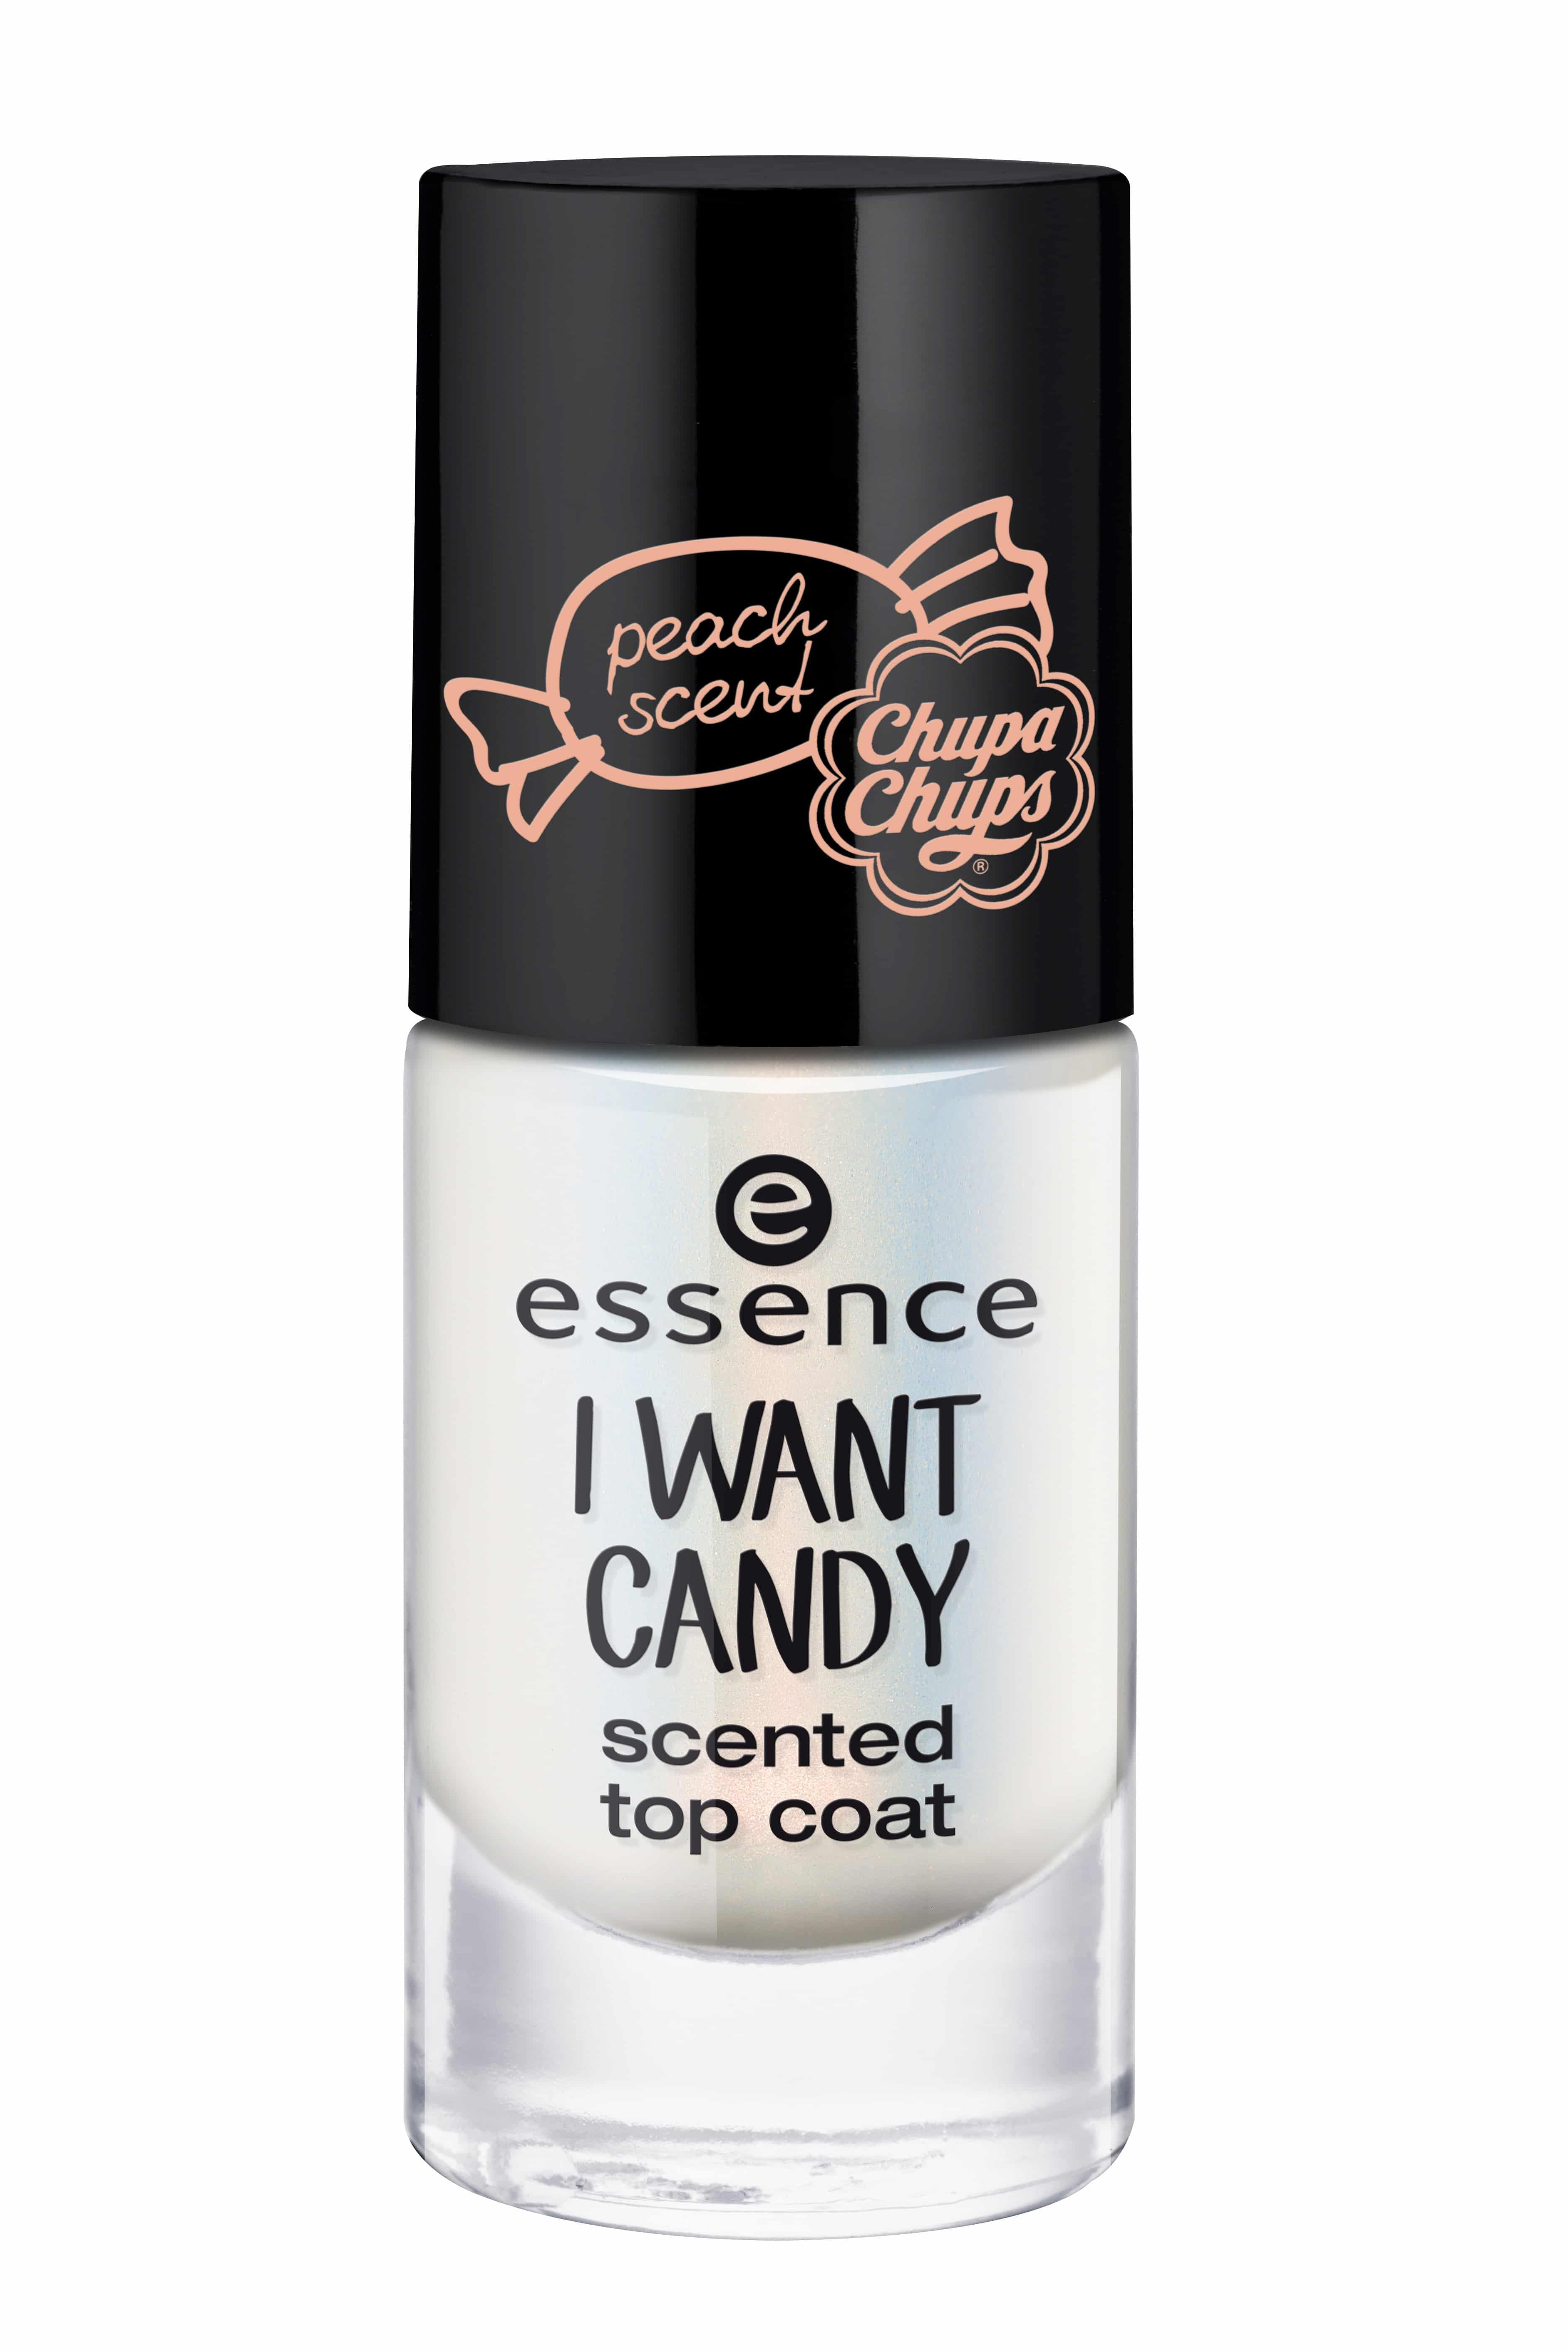 Essence I want candy: lo smalto topcoat profumato